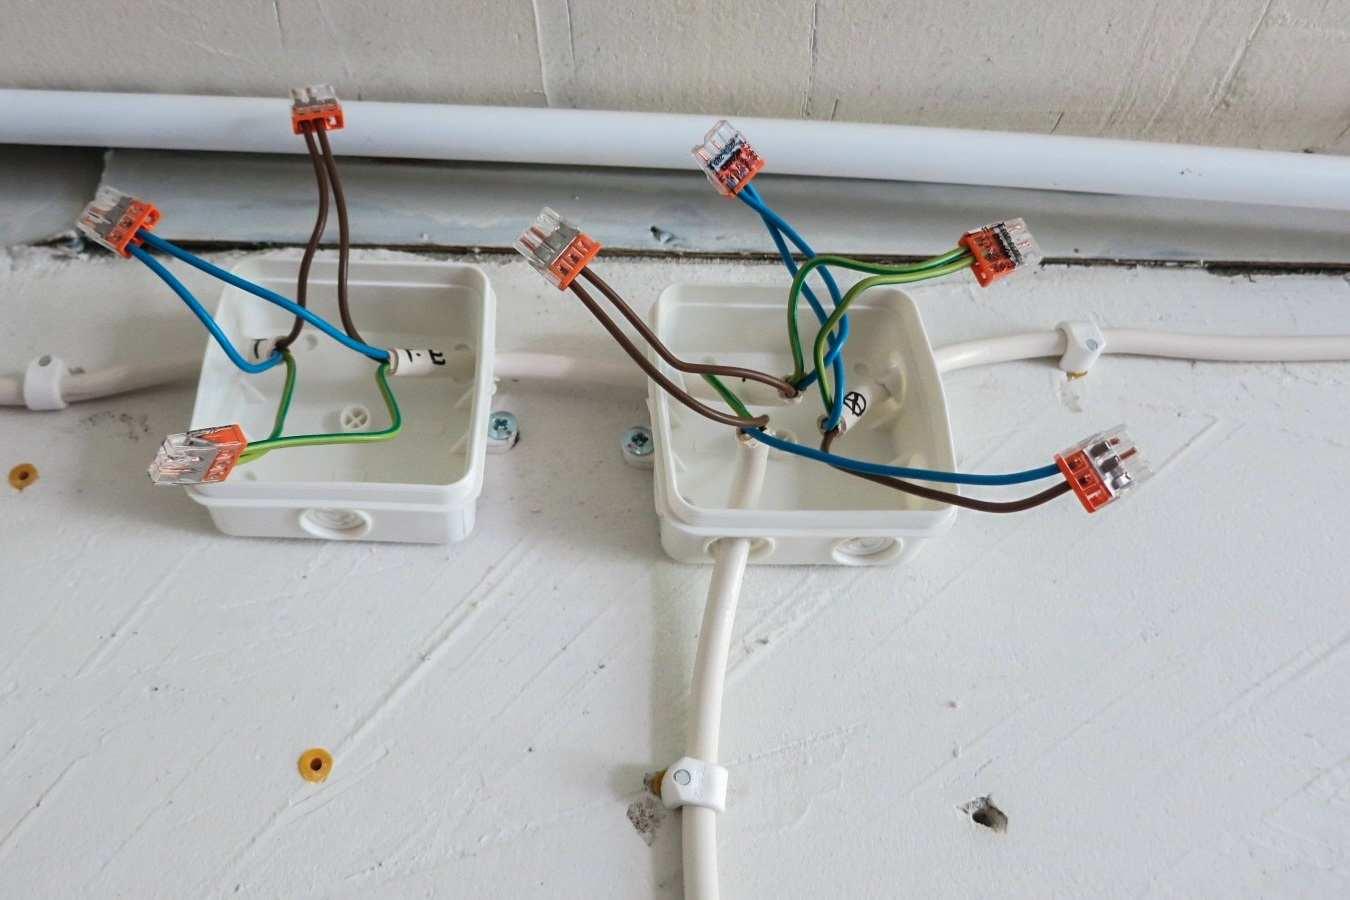 Quelles sont les erreurs classiques à éviter en installation électrique?